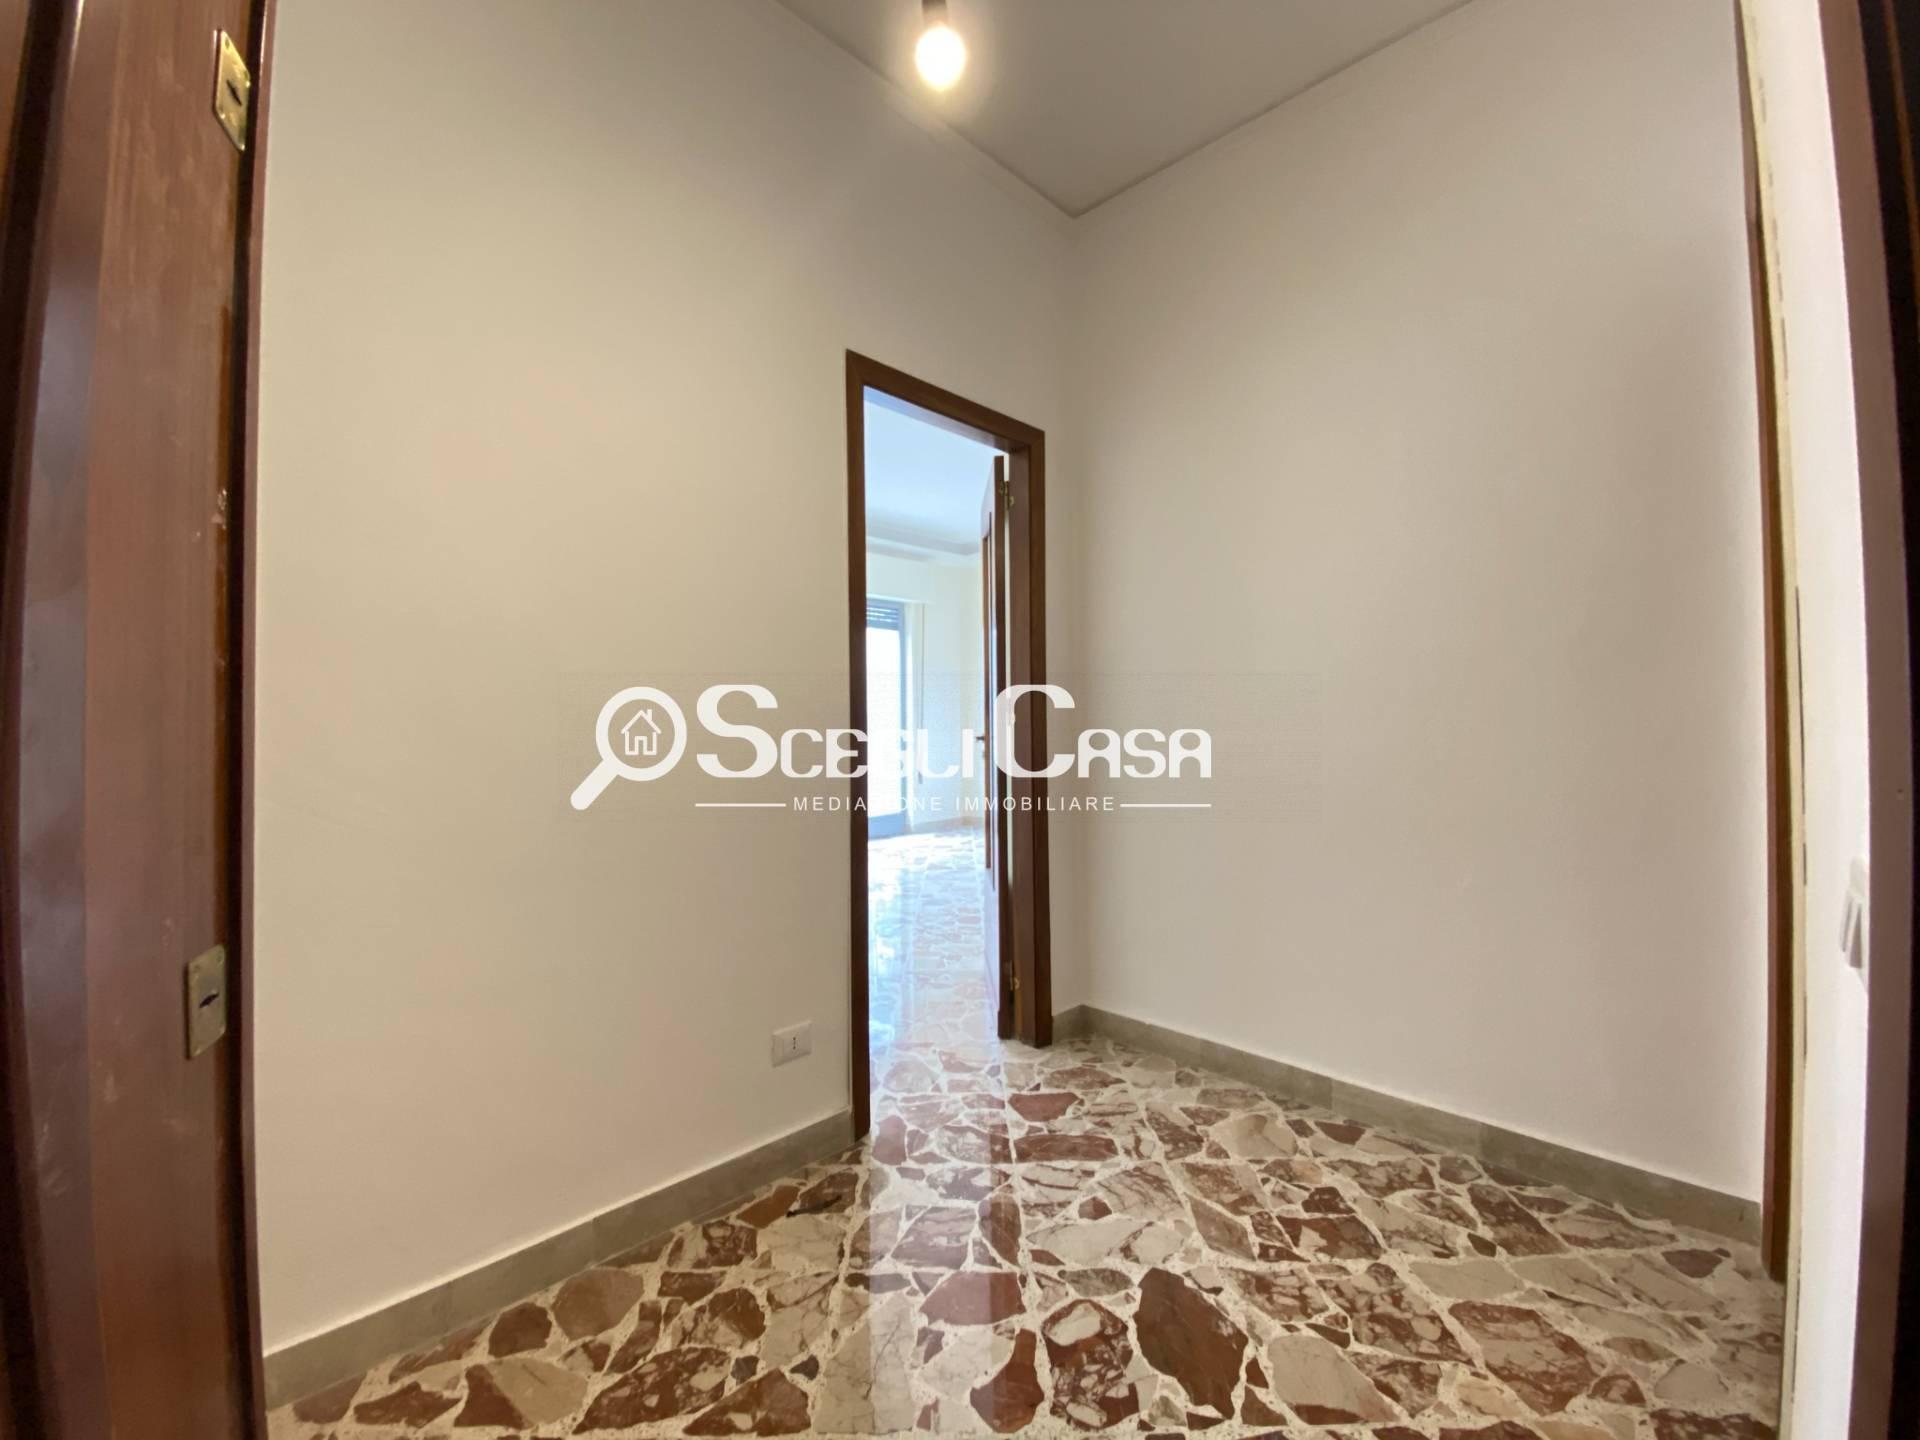 Appartamento in affitto a Bagheria, 4 locali, prezzo € 450 | CambioCasa.it